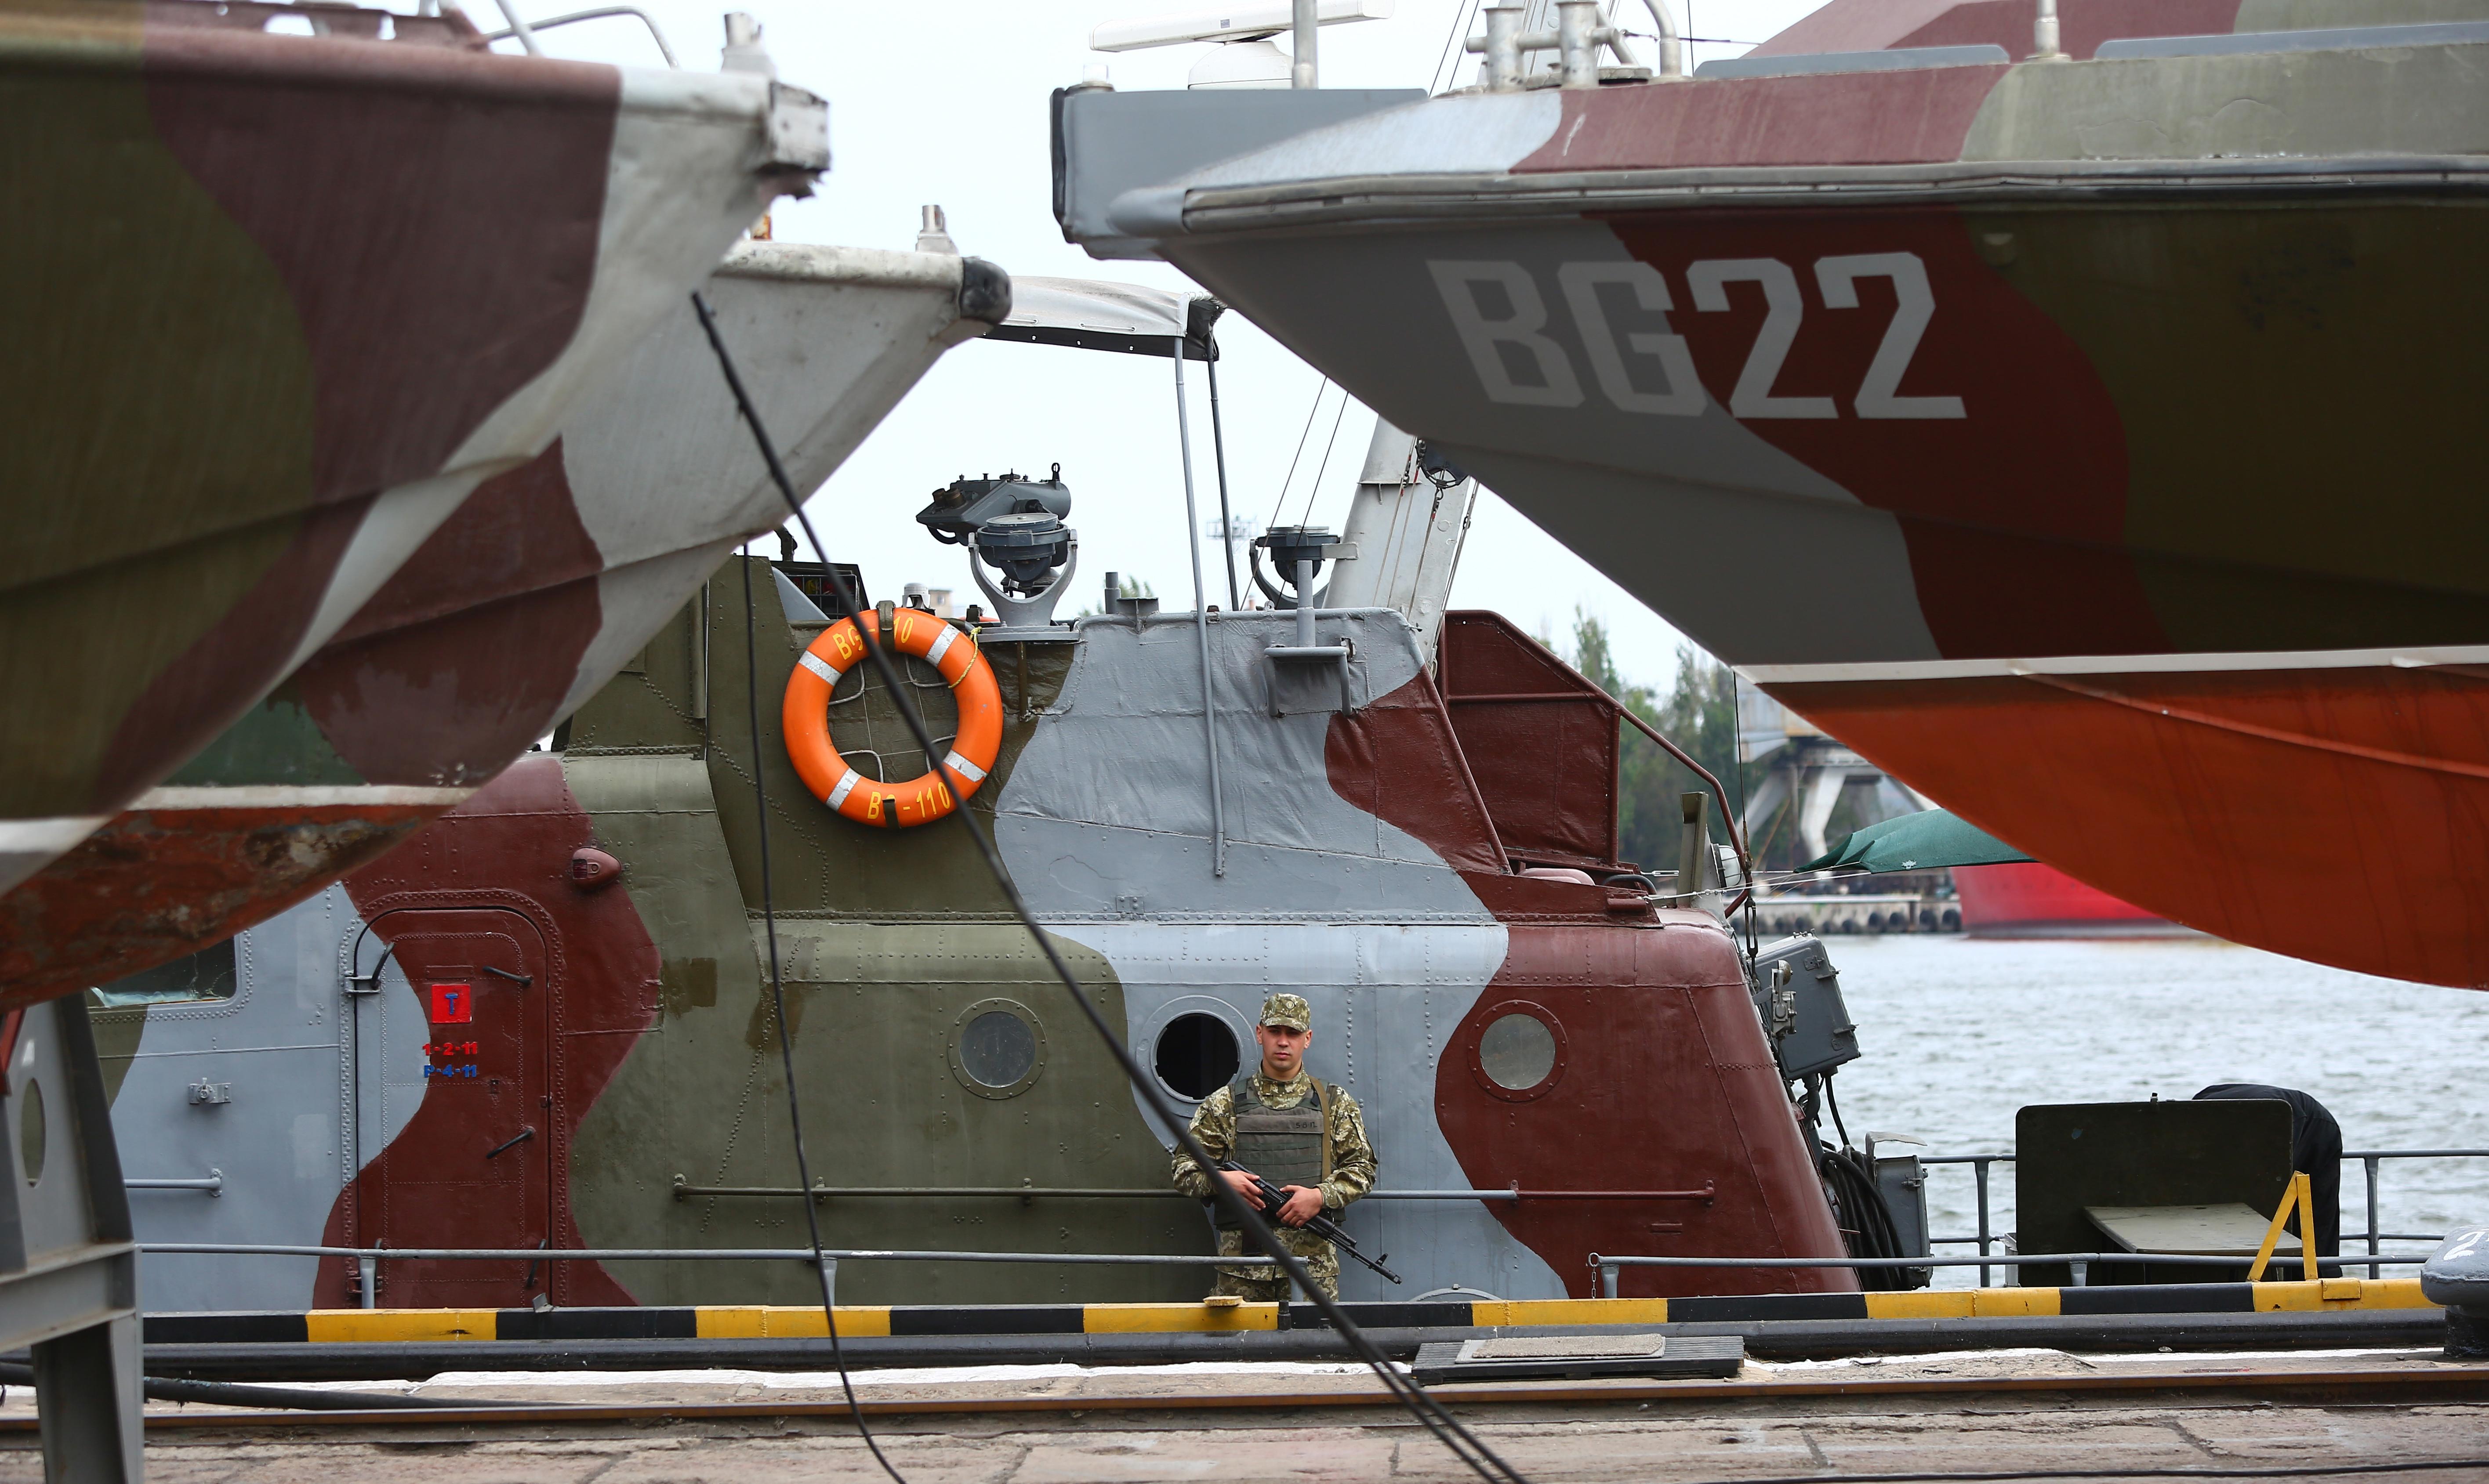 Az ukránok szerint szándékosan ment neki vontatóhajójuknak egy orosz határőrhajó